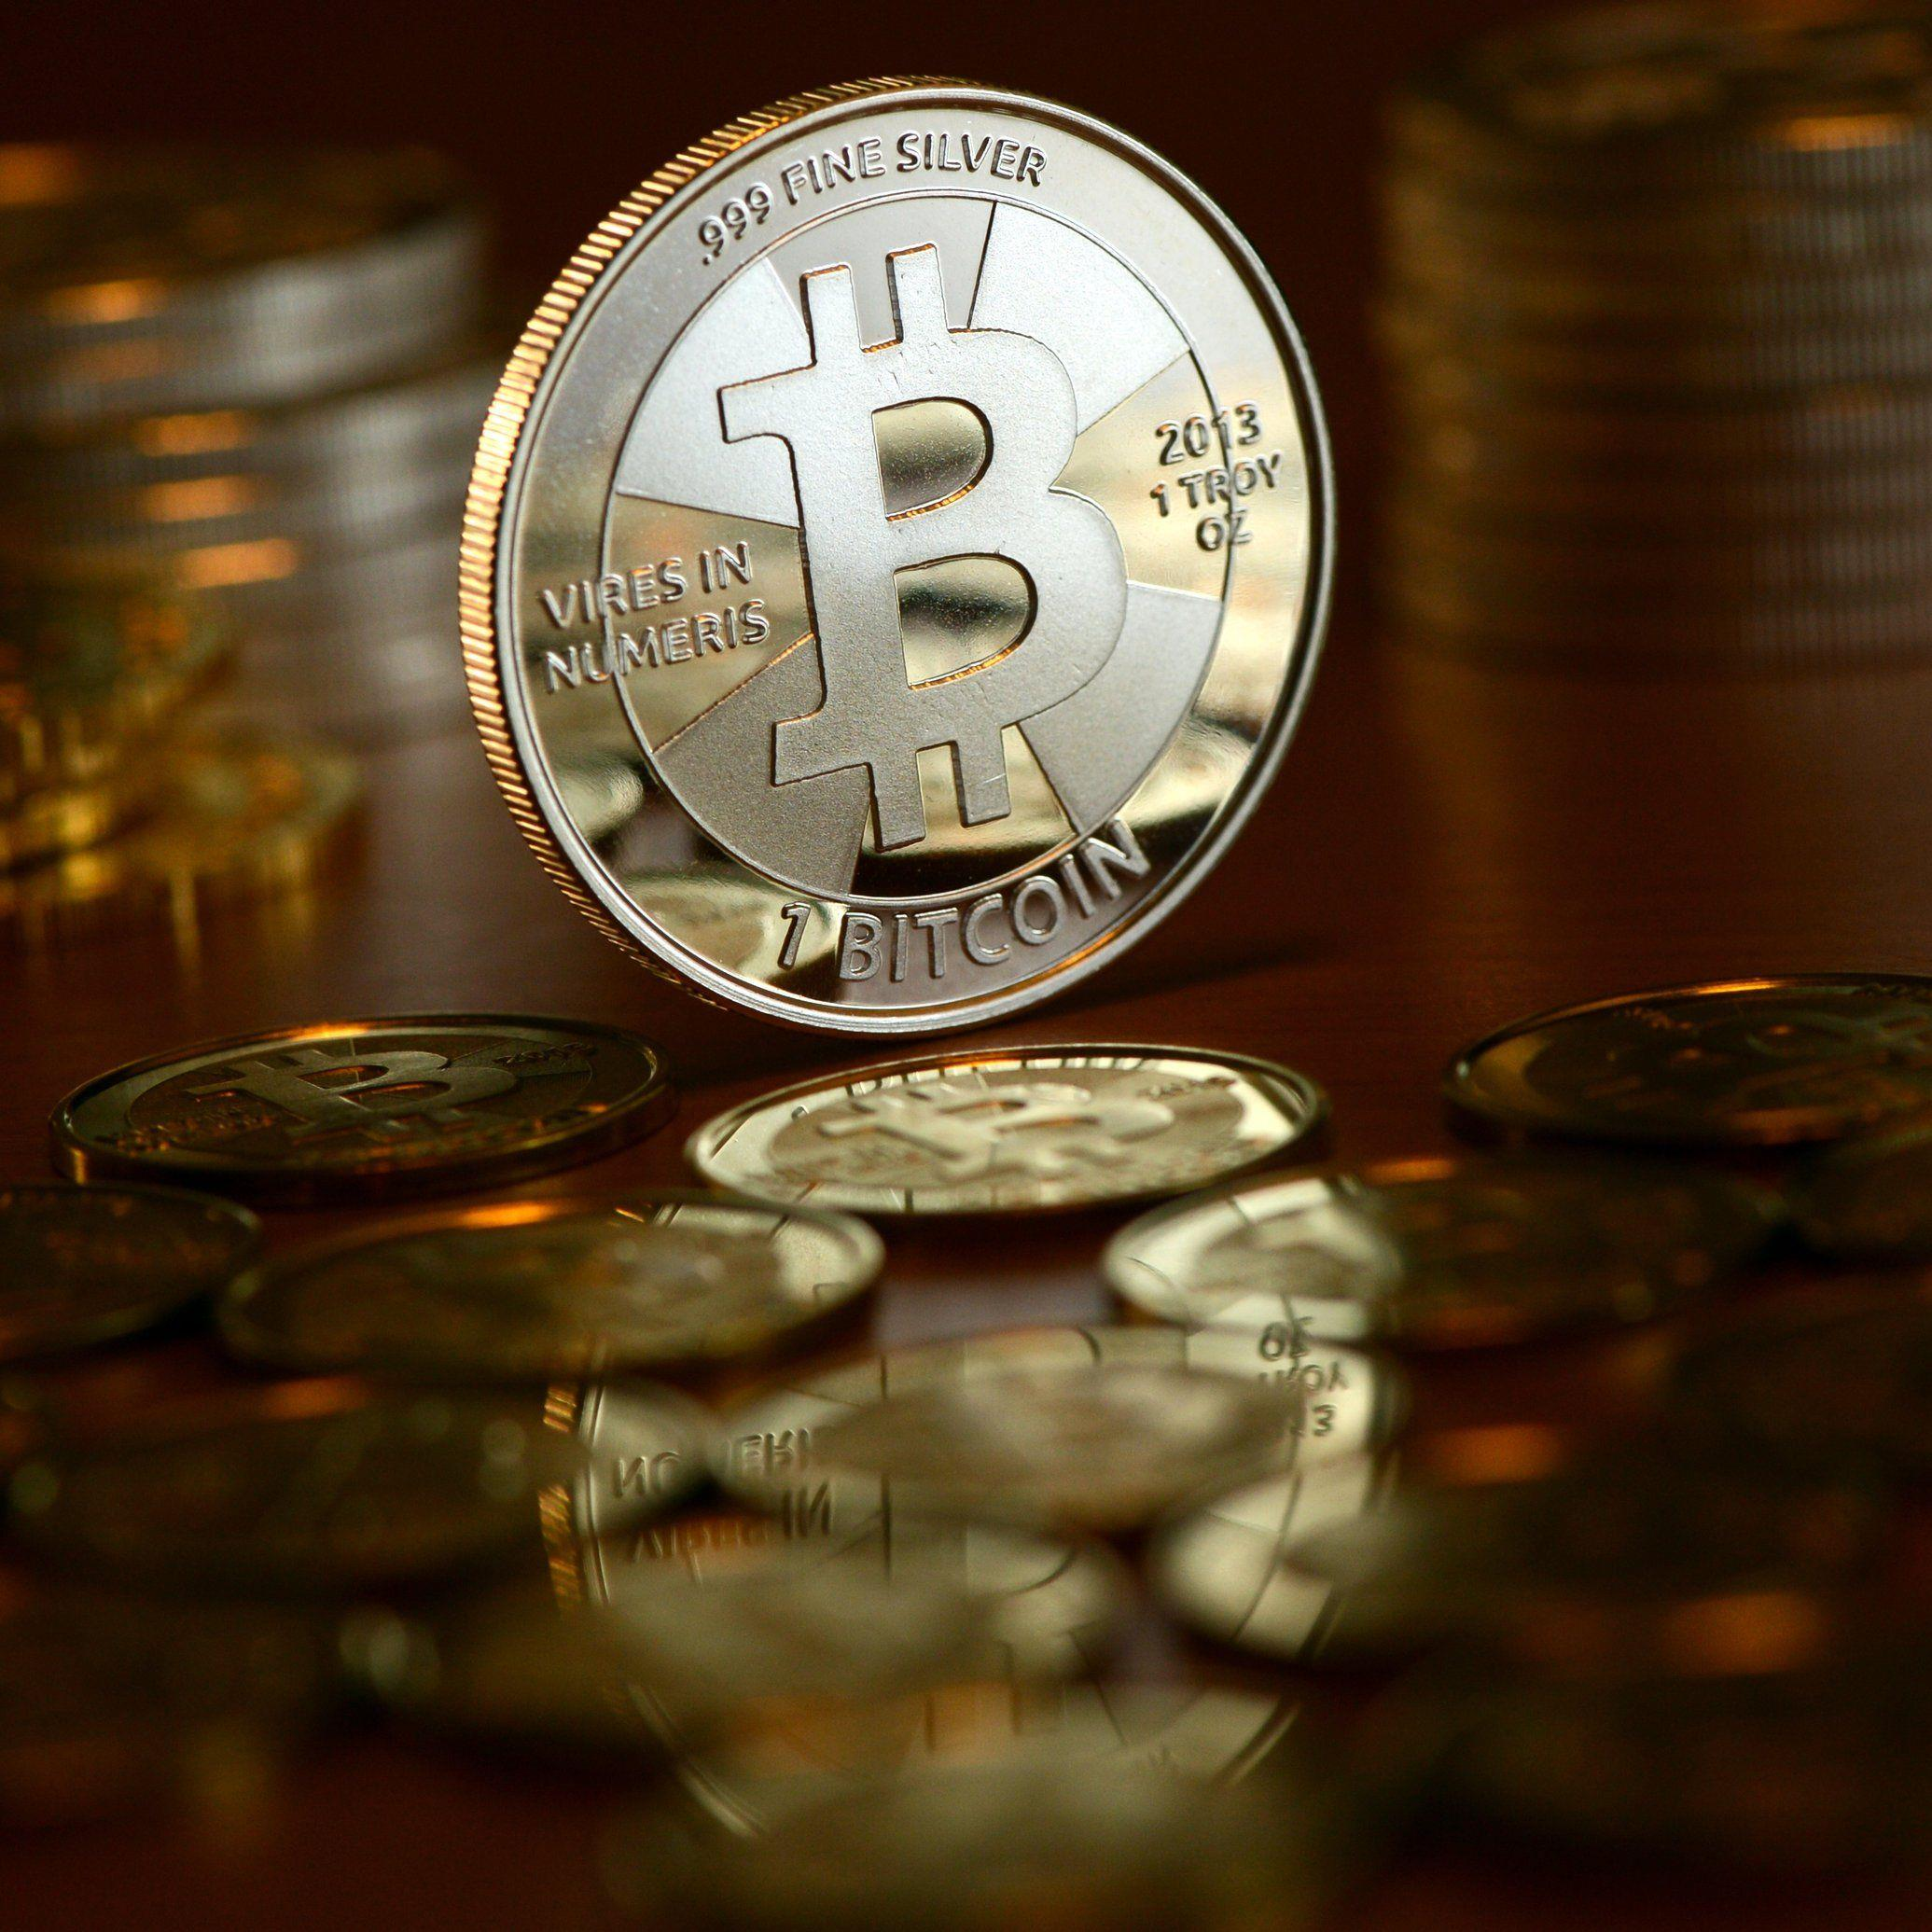 Börse für virtuelle Währung geschlossen.